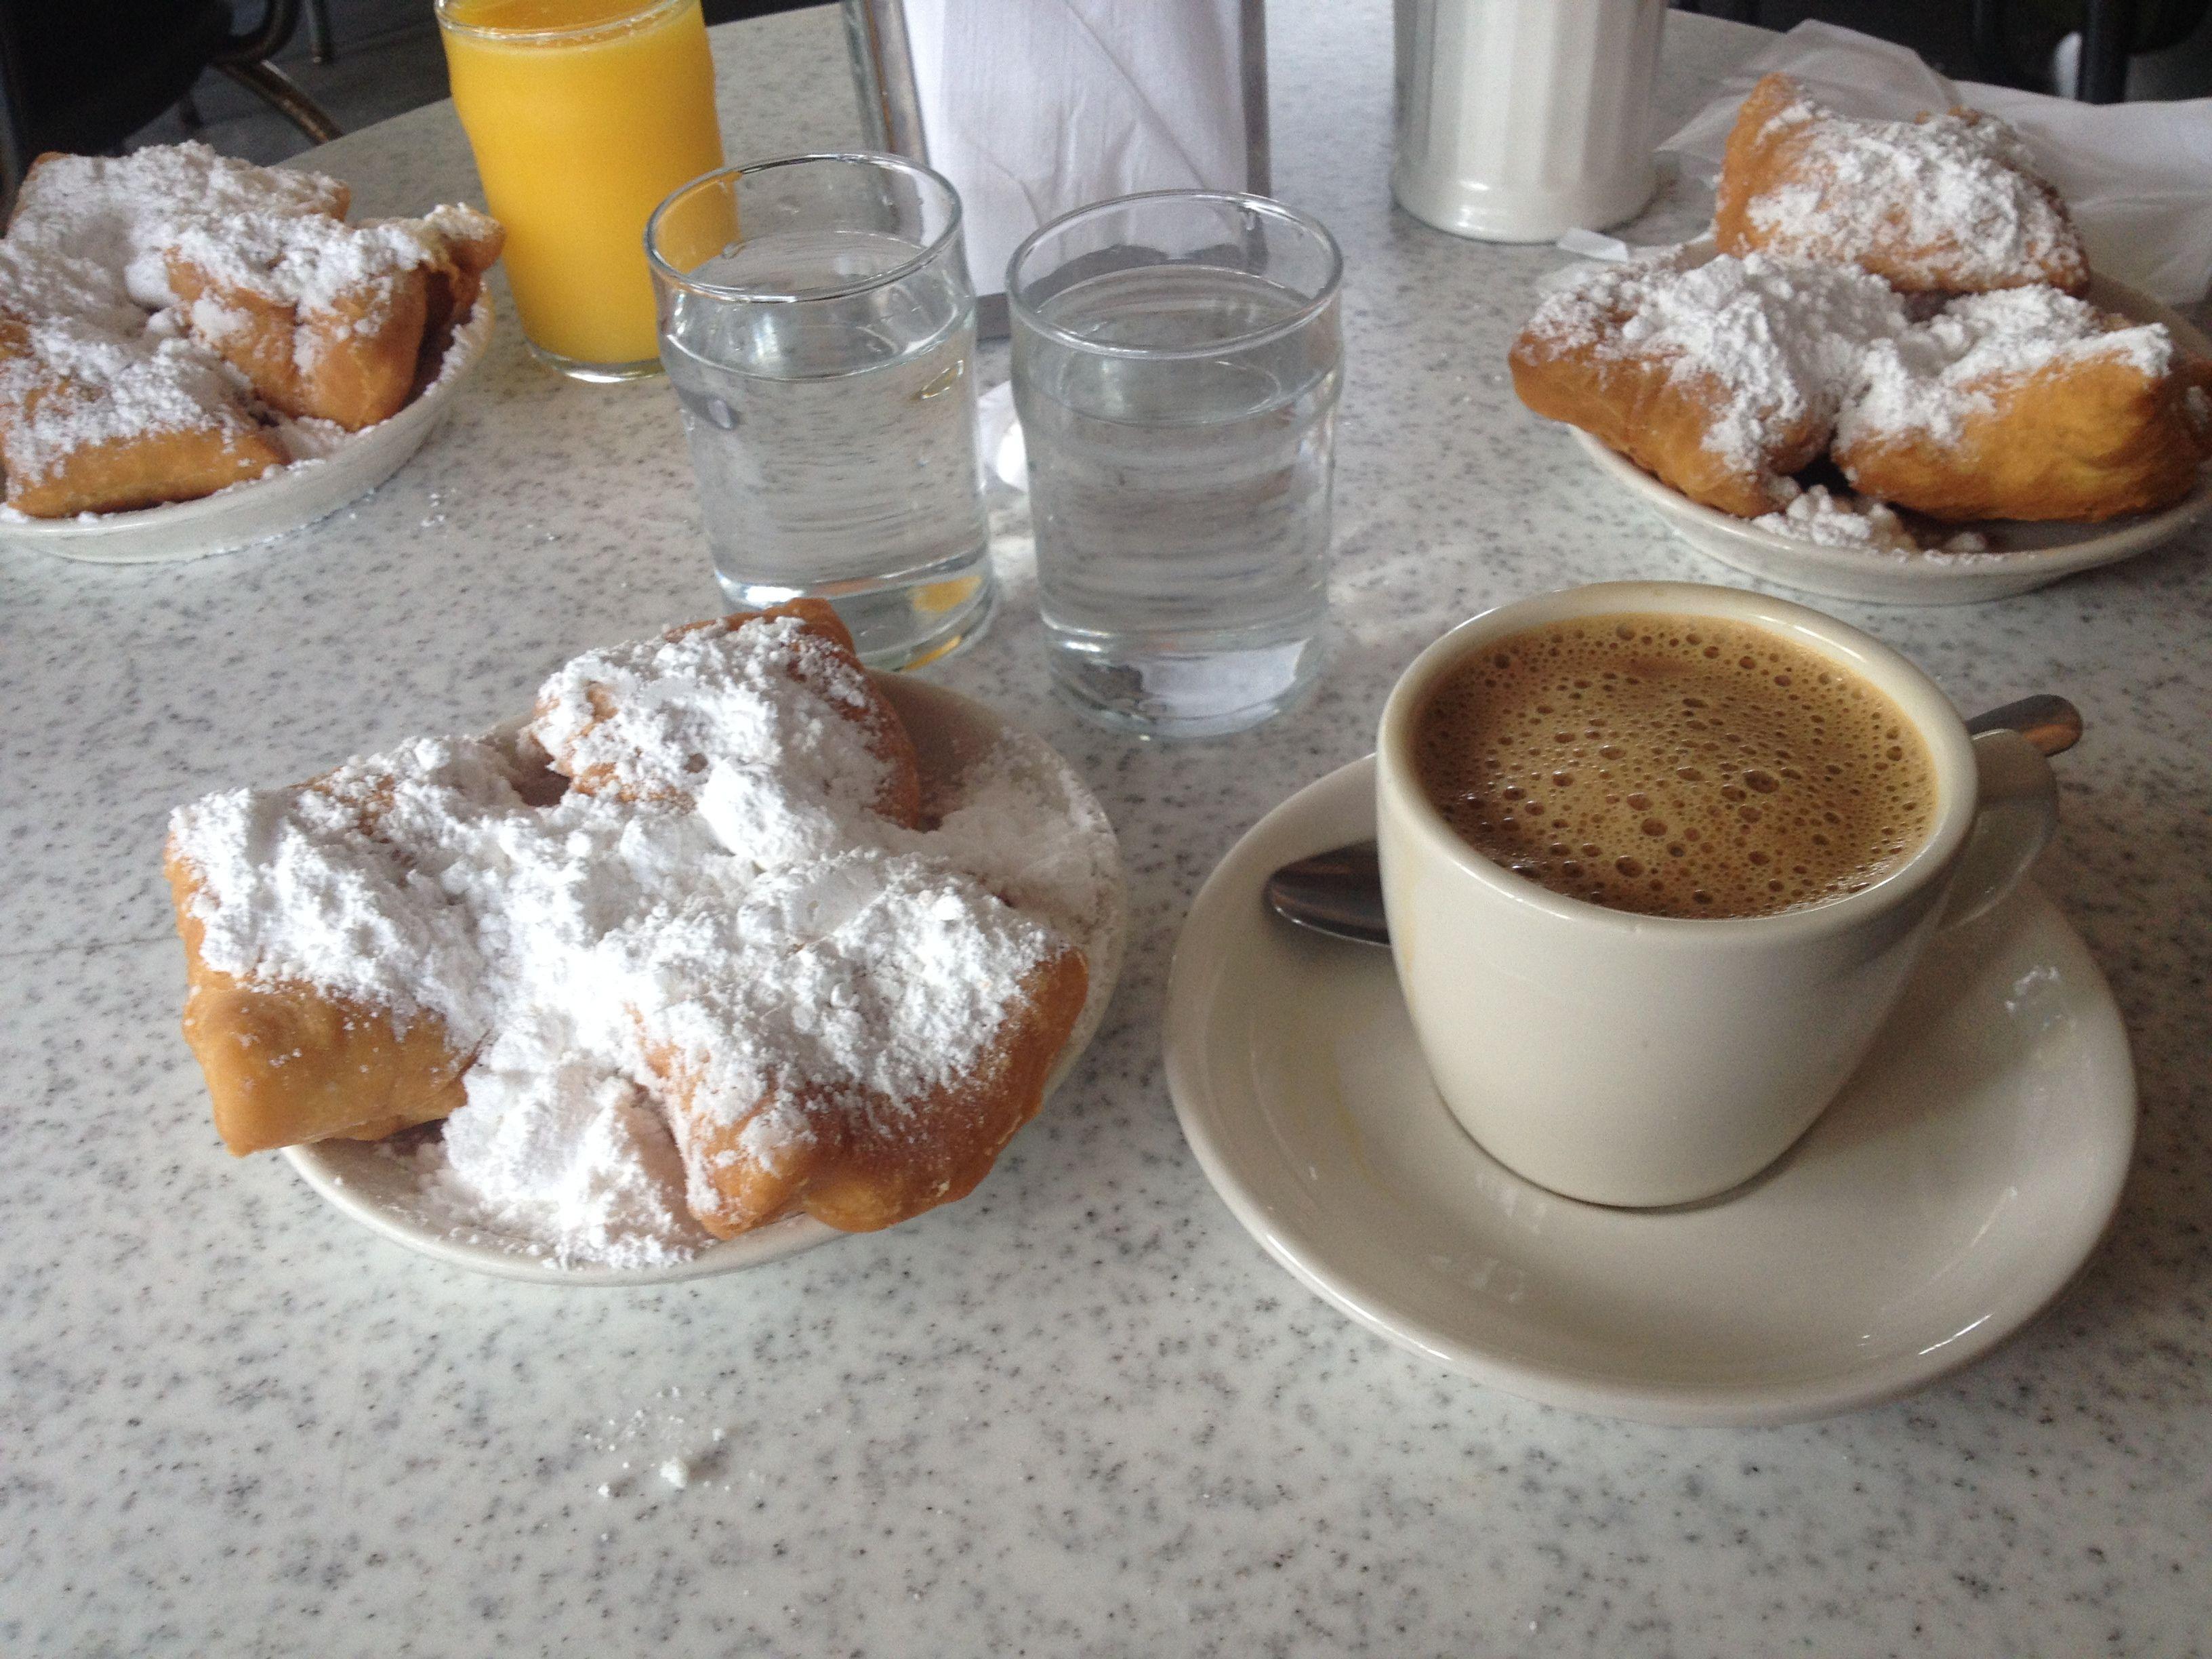 Cafe du monde does breakfastyum breakfast food new